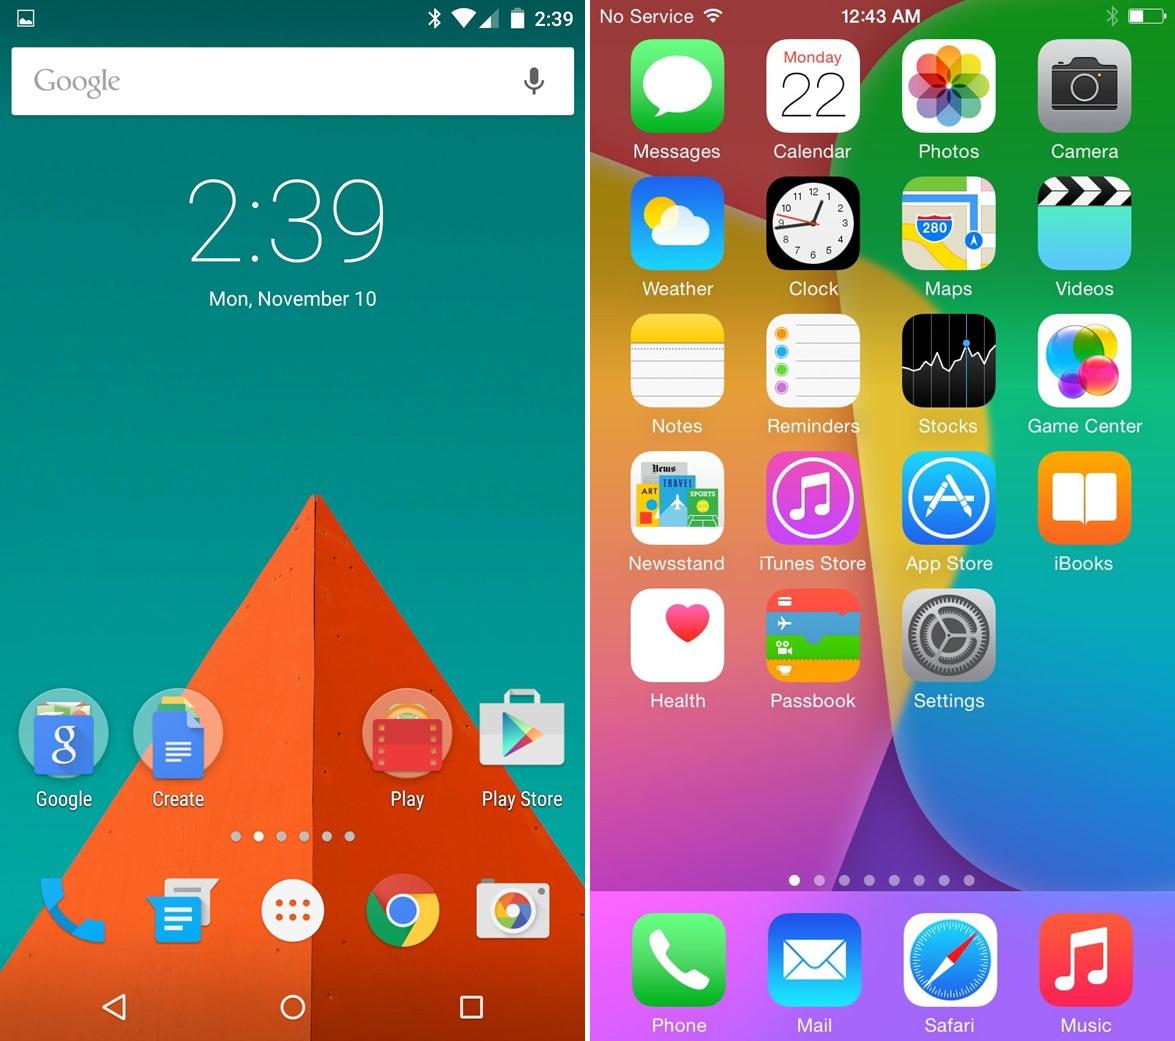 ホームスクリーン画面 iOS8 android5